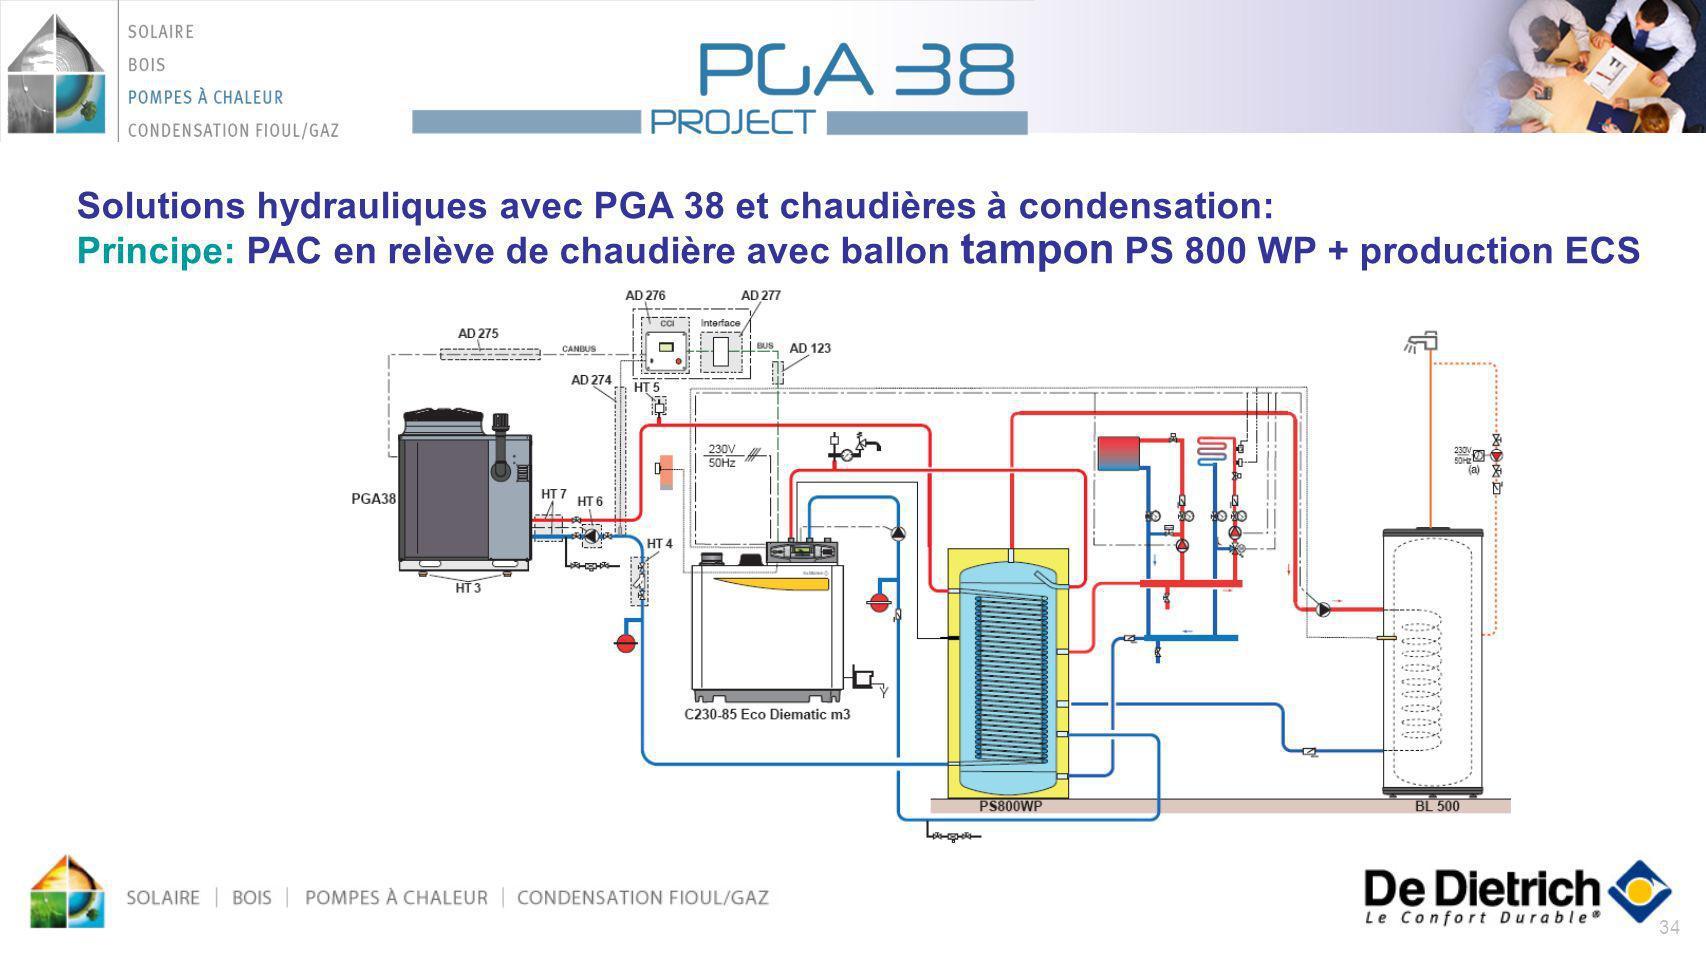 34 Solutions hydrauliques avec PGA 38 et chaudières à condensation: Principe: PAC en relève de chaudière avec ballon tampon PS 800 WP + production ECS